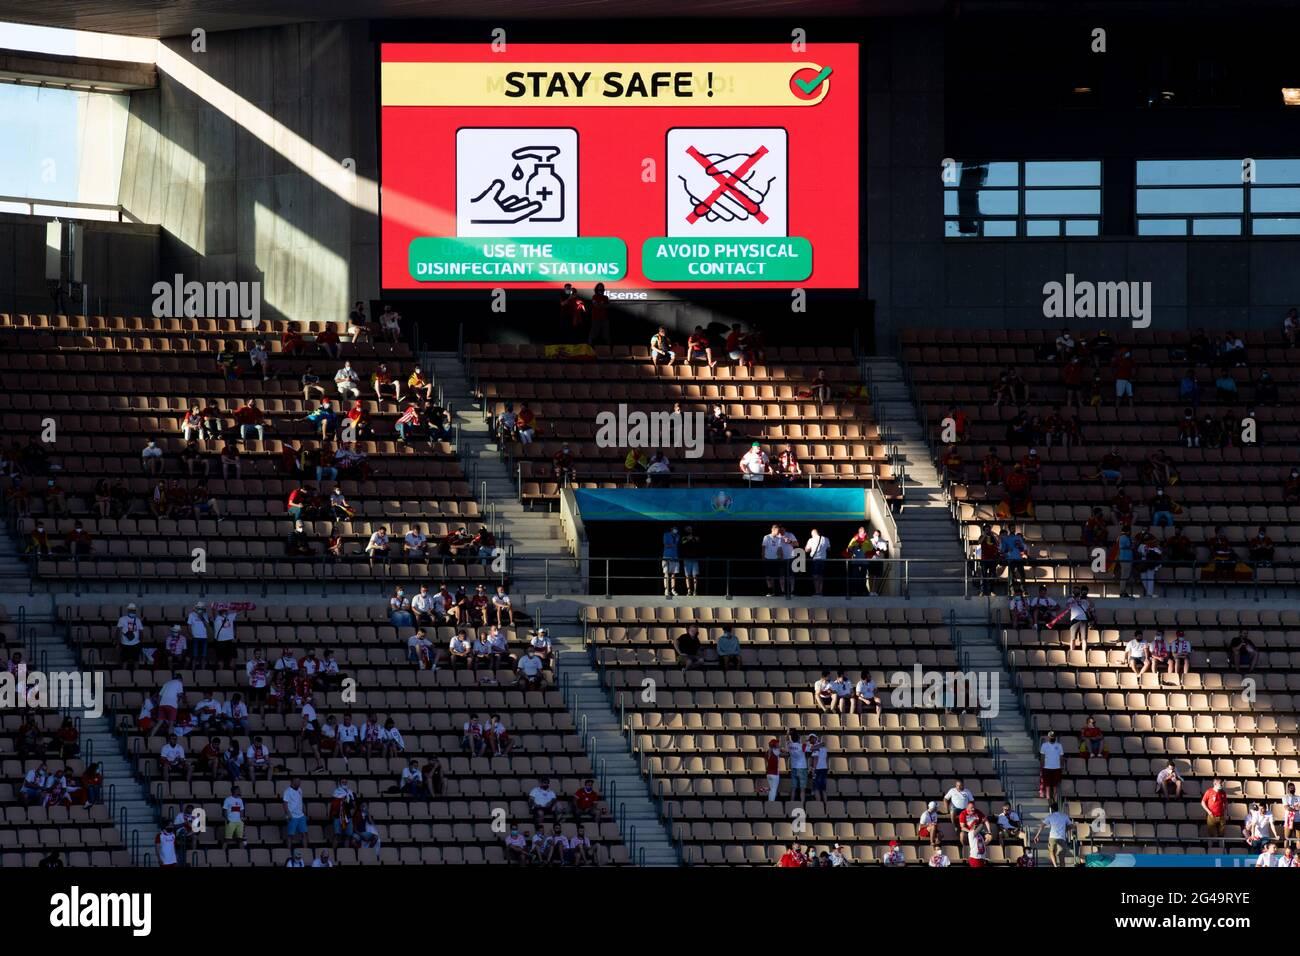 Séville, Espagne. 19 juin 2021. L'écran écrit Stay Safe est vu lors du match du Groupe E entre l'Espagne et la Pologne à l'UEFA Euro 2020 à Séville, Espagne, le 19 juin 2021. Credit: Meng Dingbo/Xinhua/Alay Live News Banque D'Images